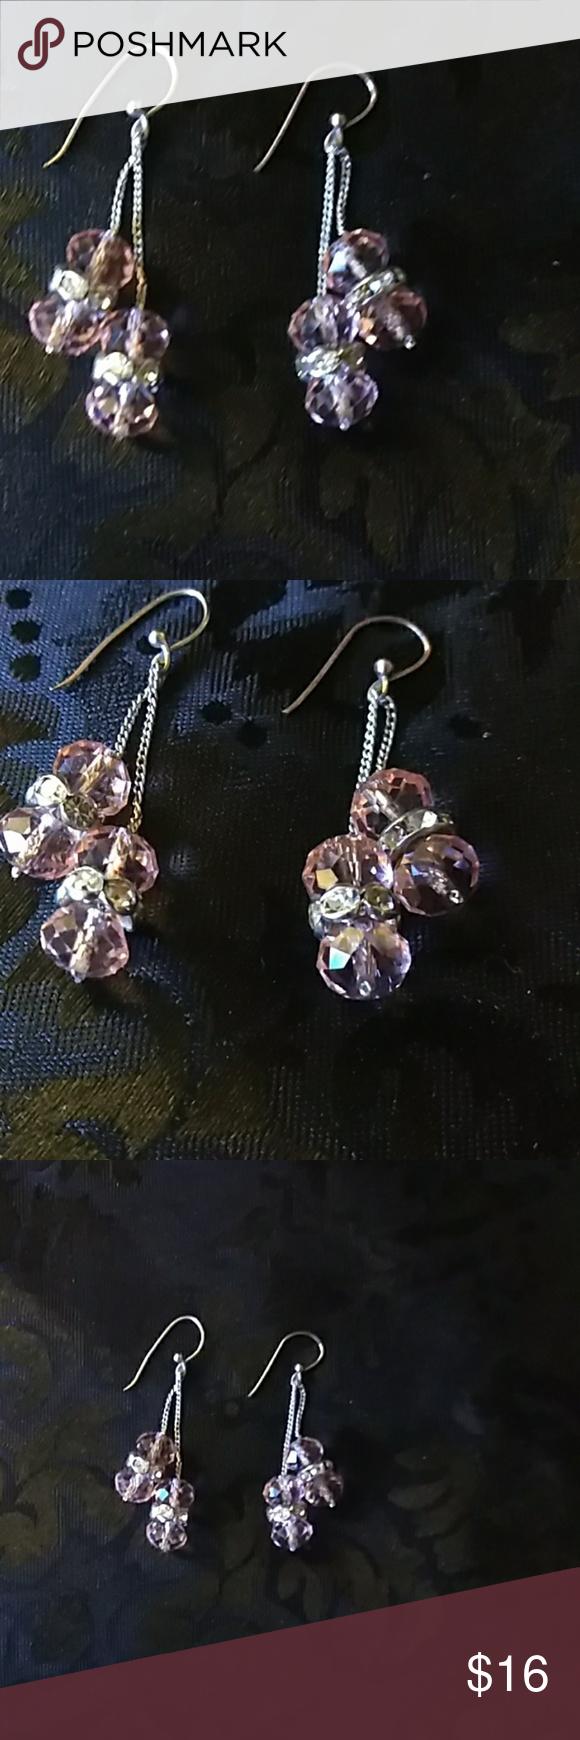 Vintage suarski crystal earrings sterling hook Vintage